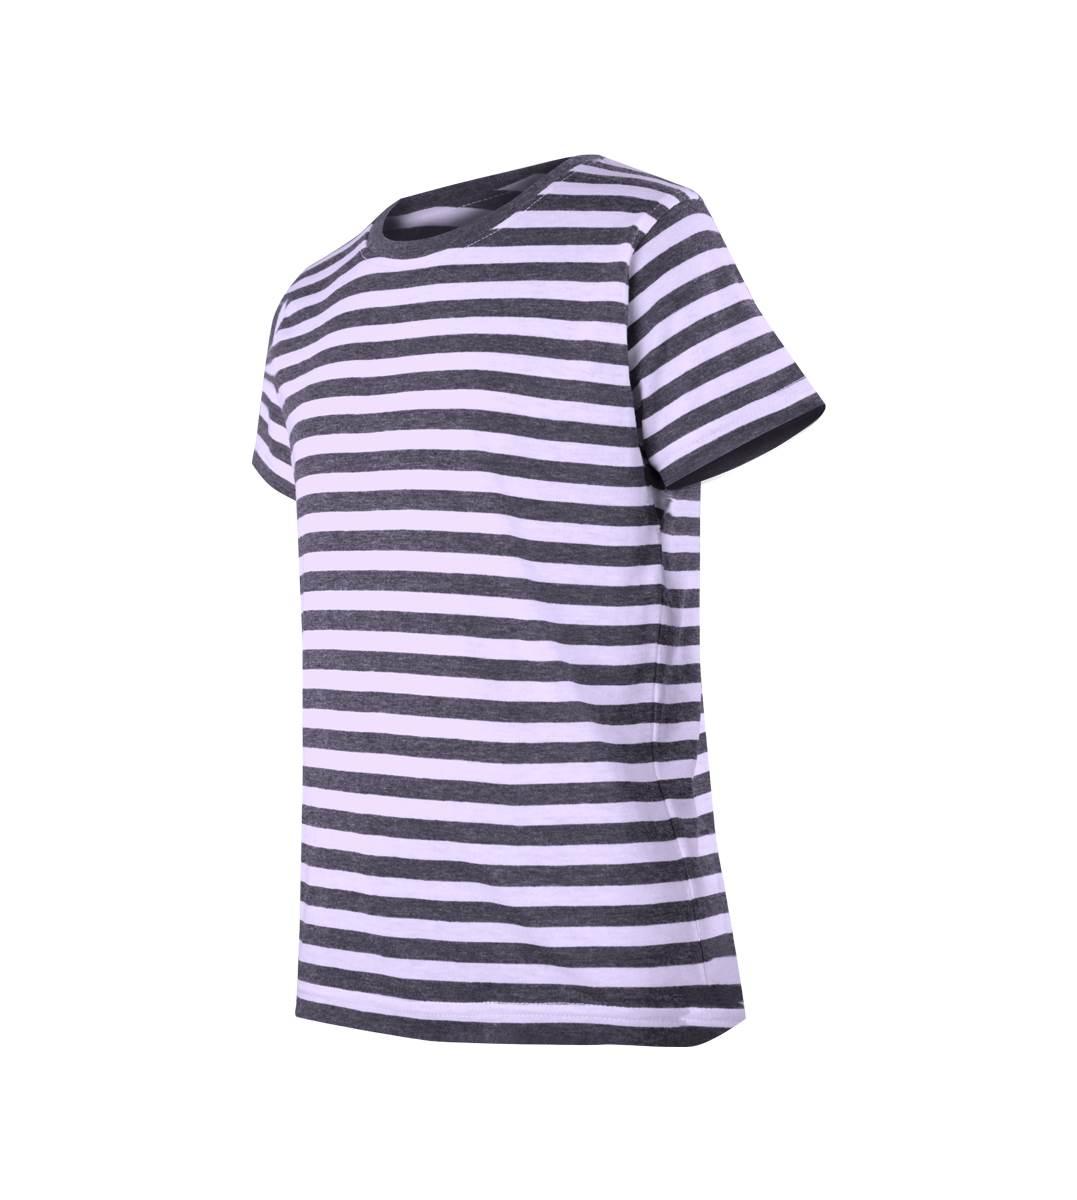 6b21f5444d28 Detské námornícke tričko